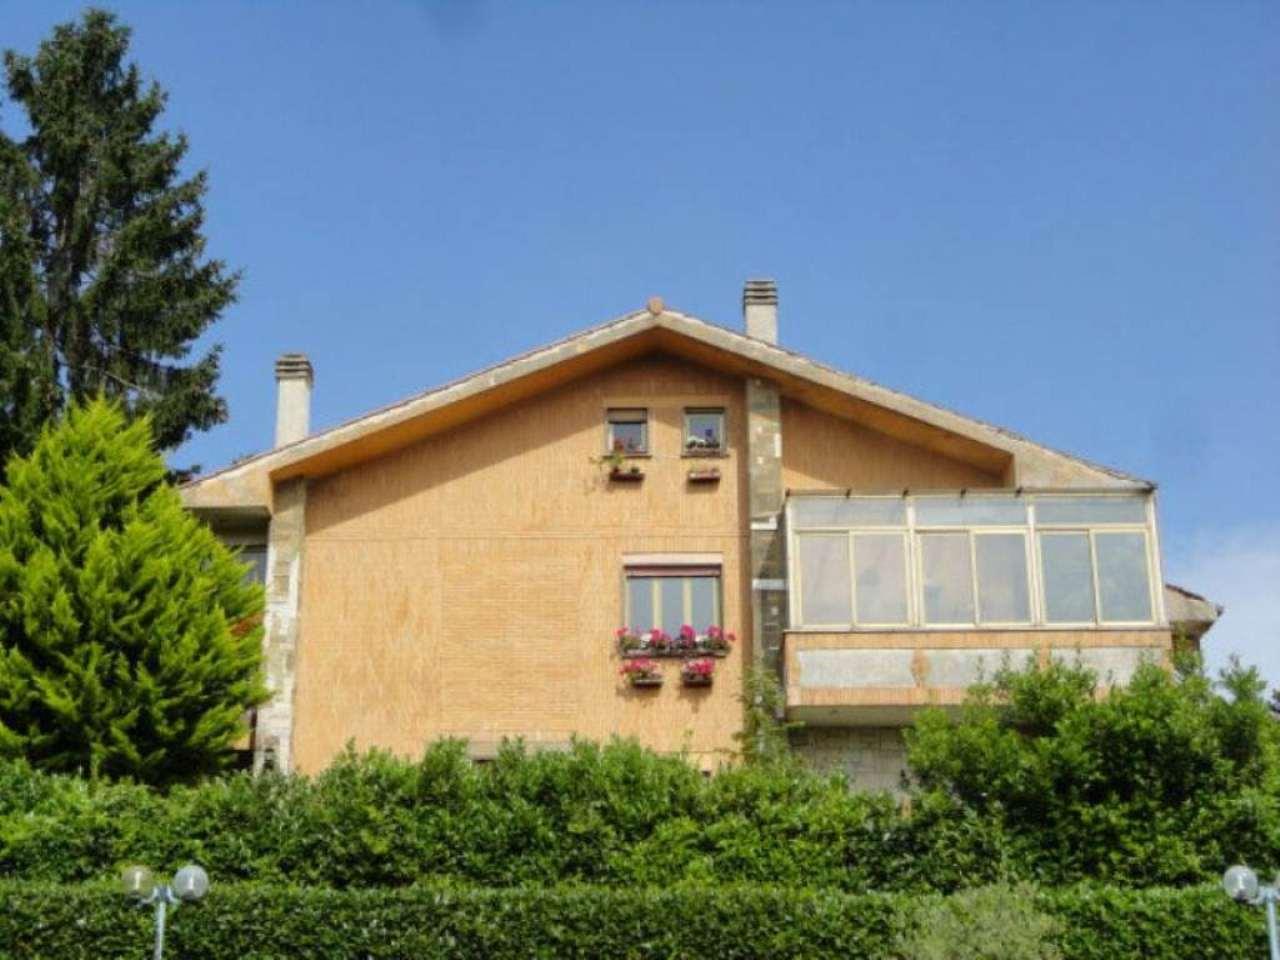 Villa Bifamiliare in vendita a Nemi, 10 locali, prezzo € 280.000 | Cambio Casa.it